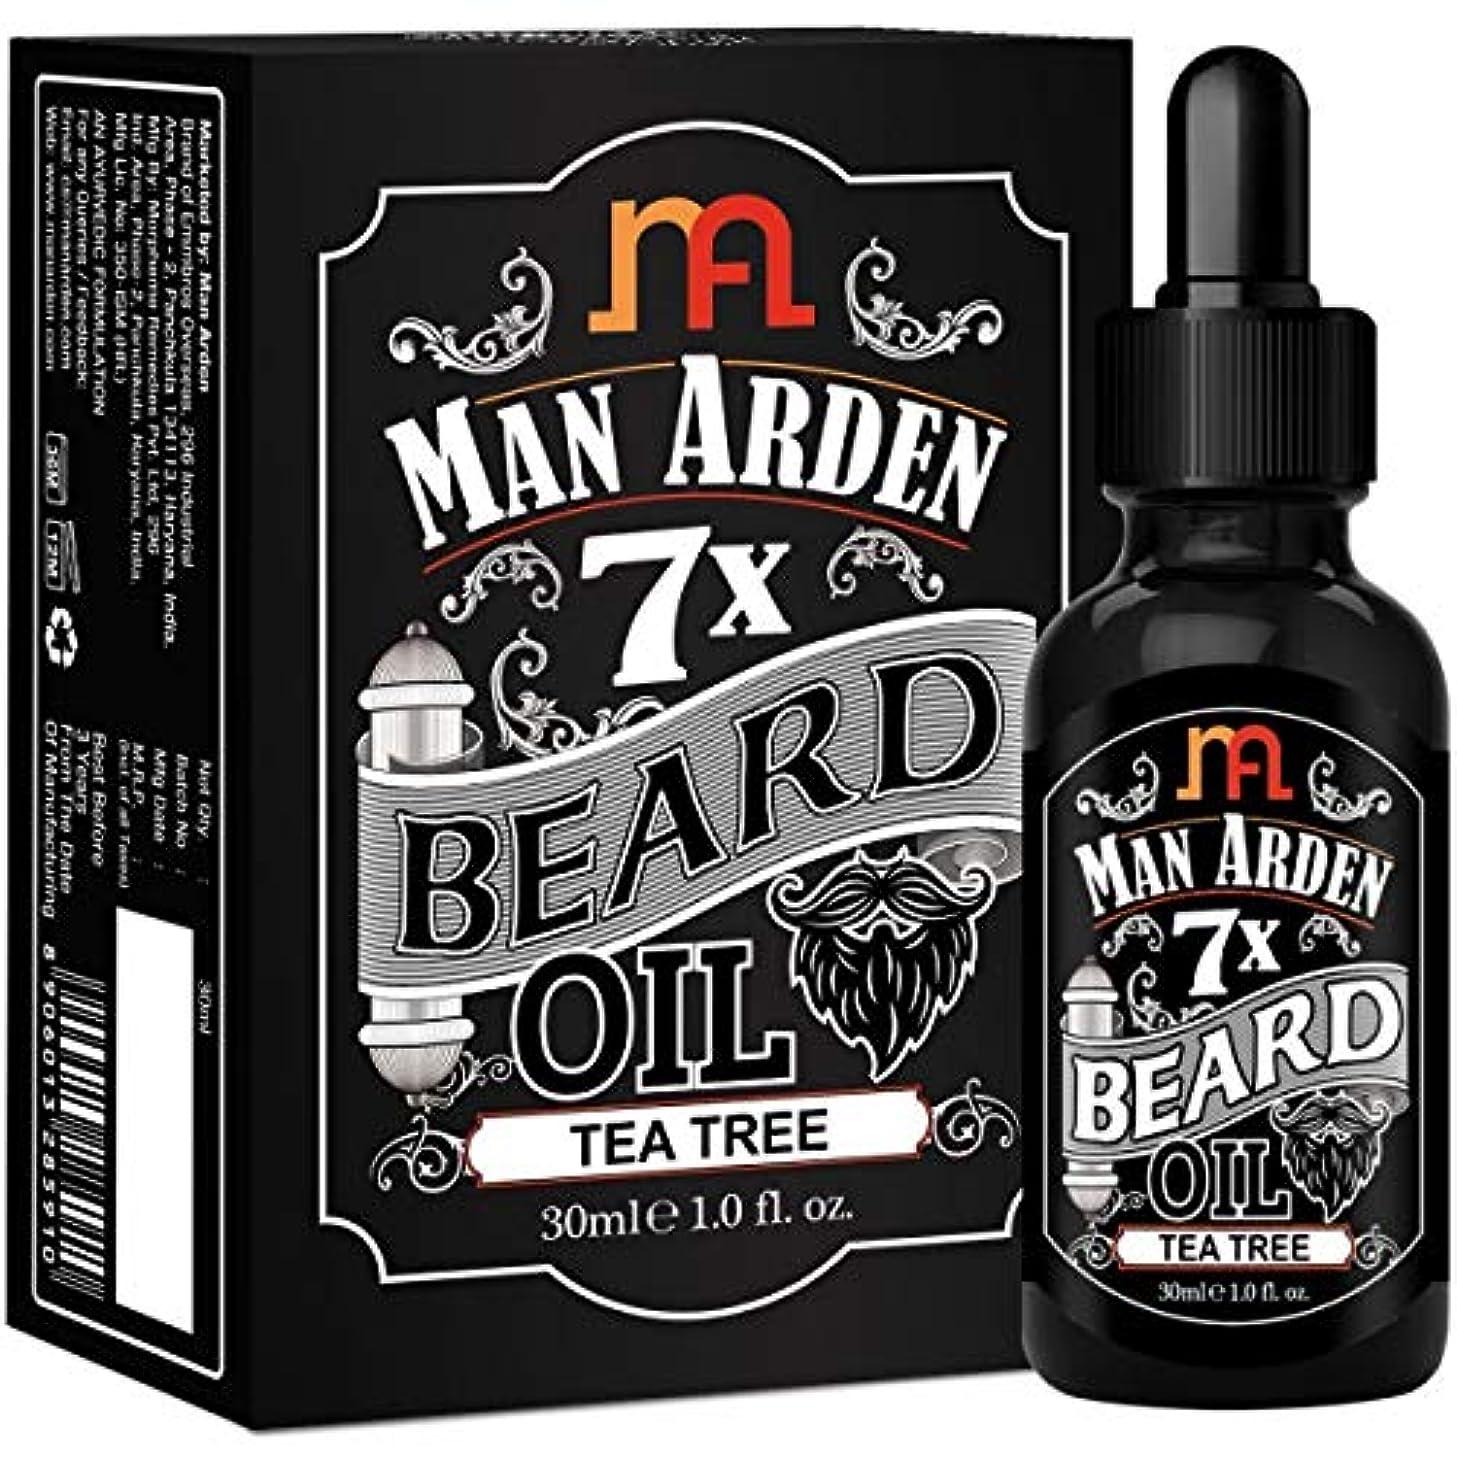 文庫本ペン文明化するMan Arden 7X Beard Oil 30ml (Tea Tree) - 7 Premium Oils Blend For Beard Growth & Nourishment